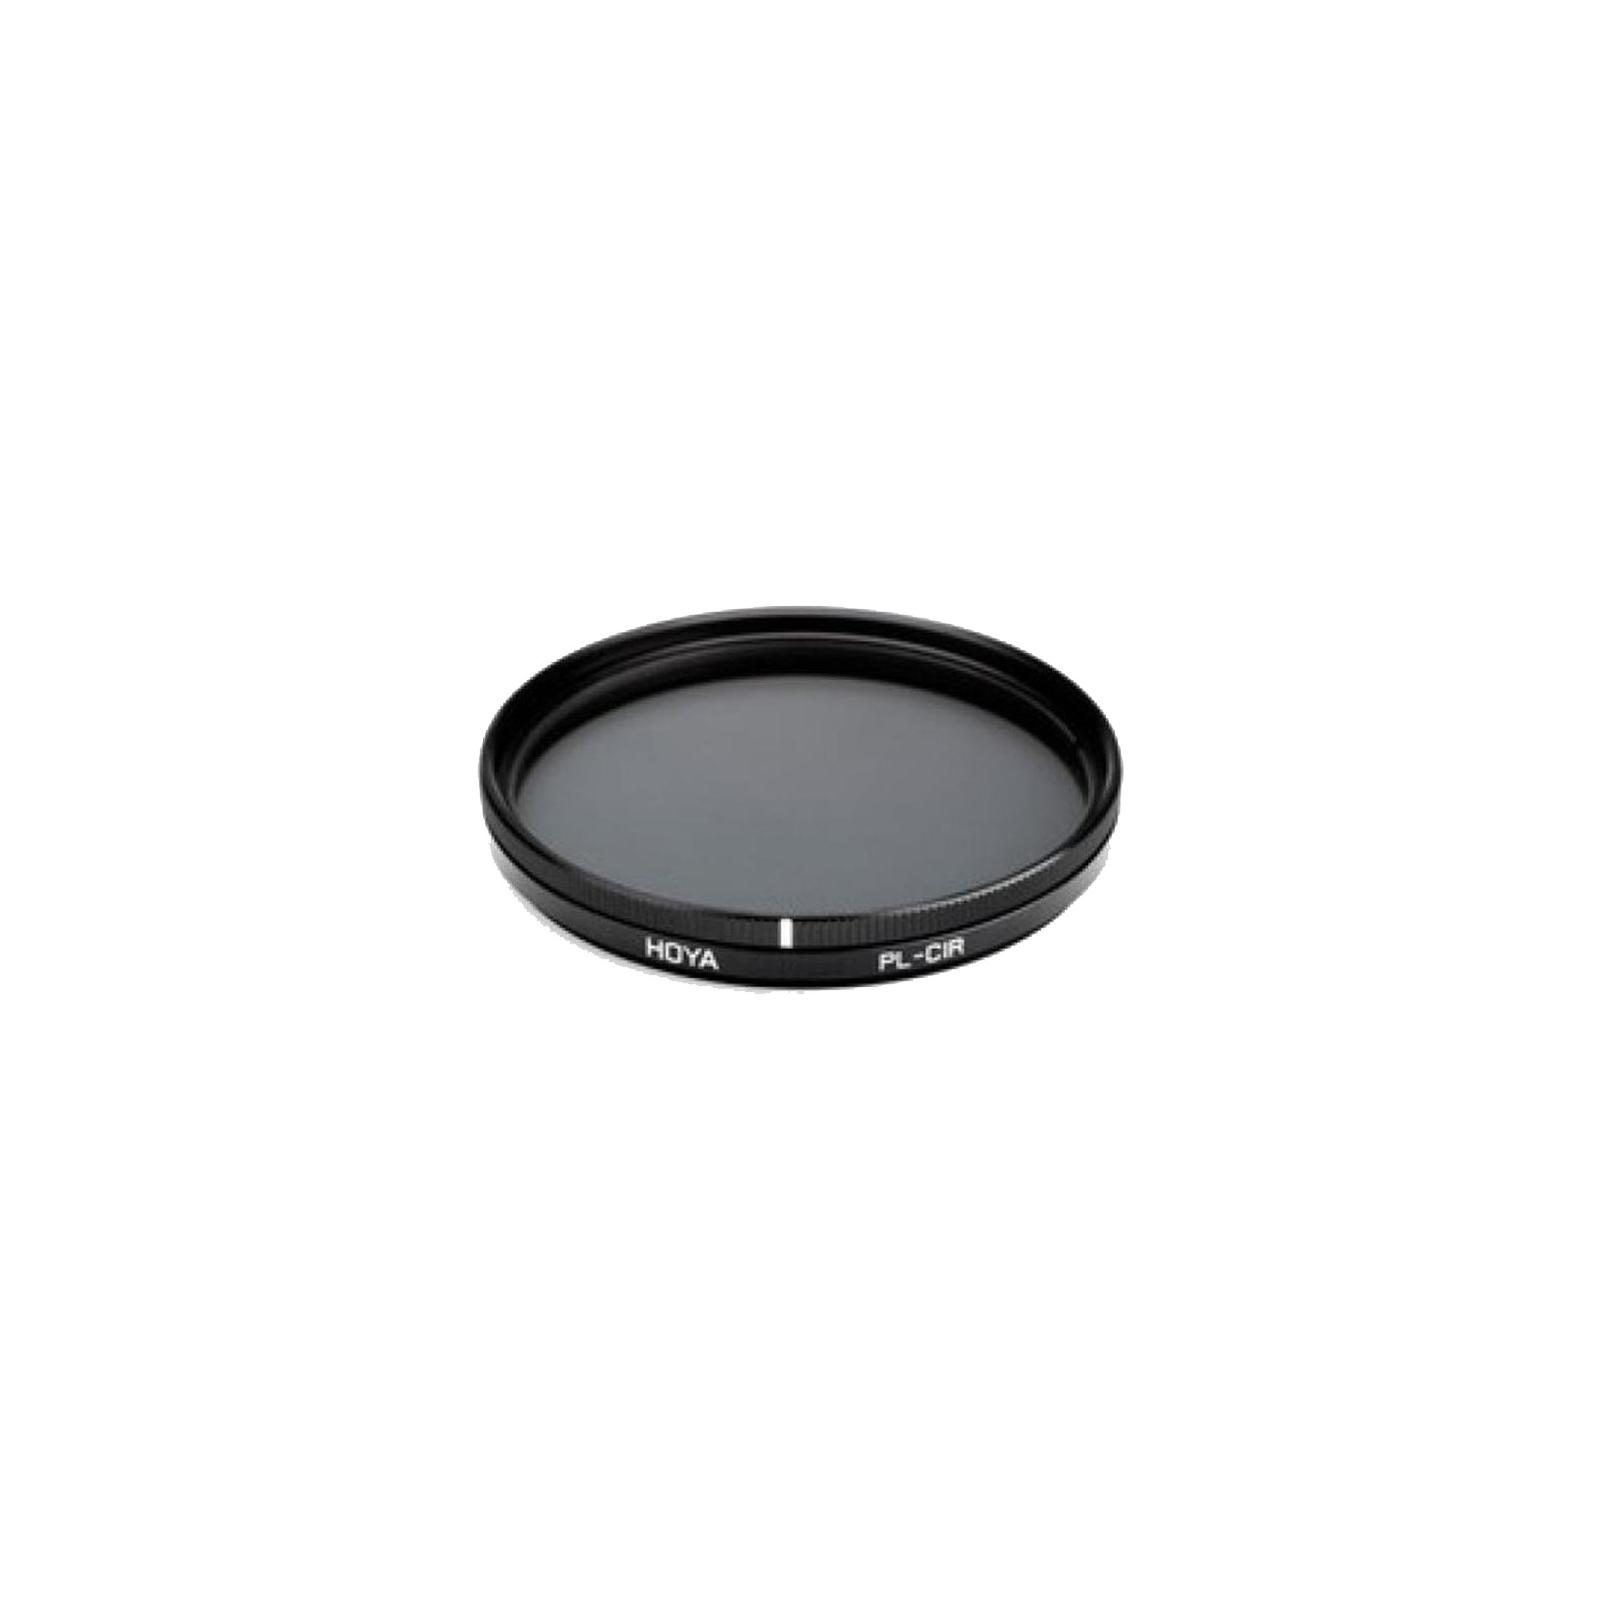 Светофильтр Hoya TEK Pol-Circ. 77mm (0024066012142)